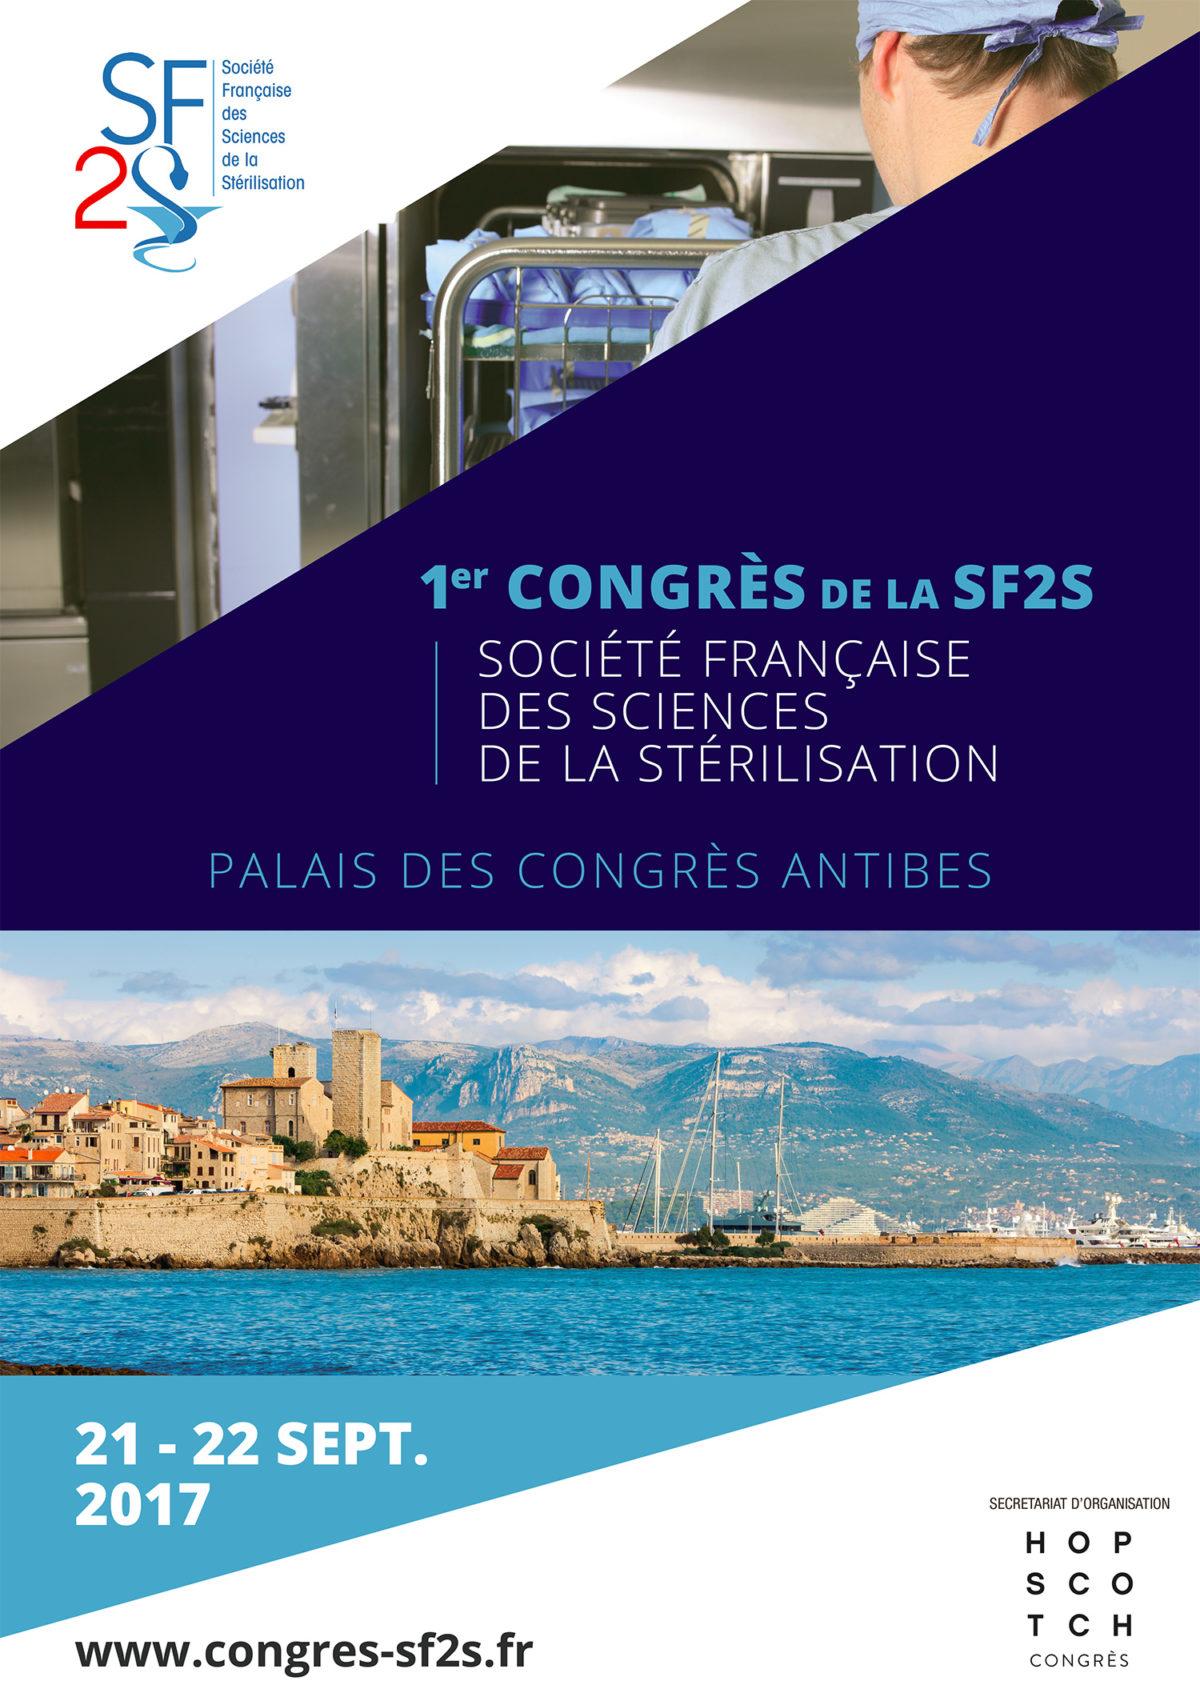 1er Congrès de la SF2S, Antibes, 2017